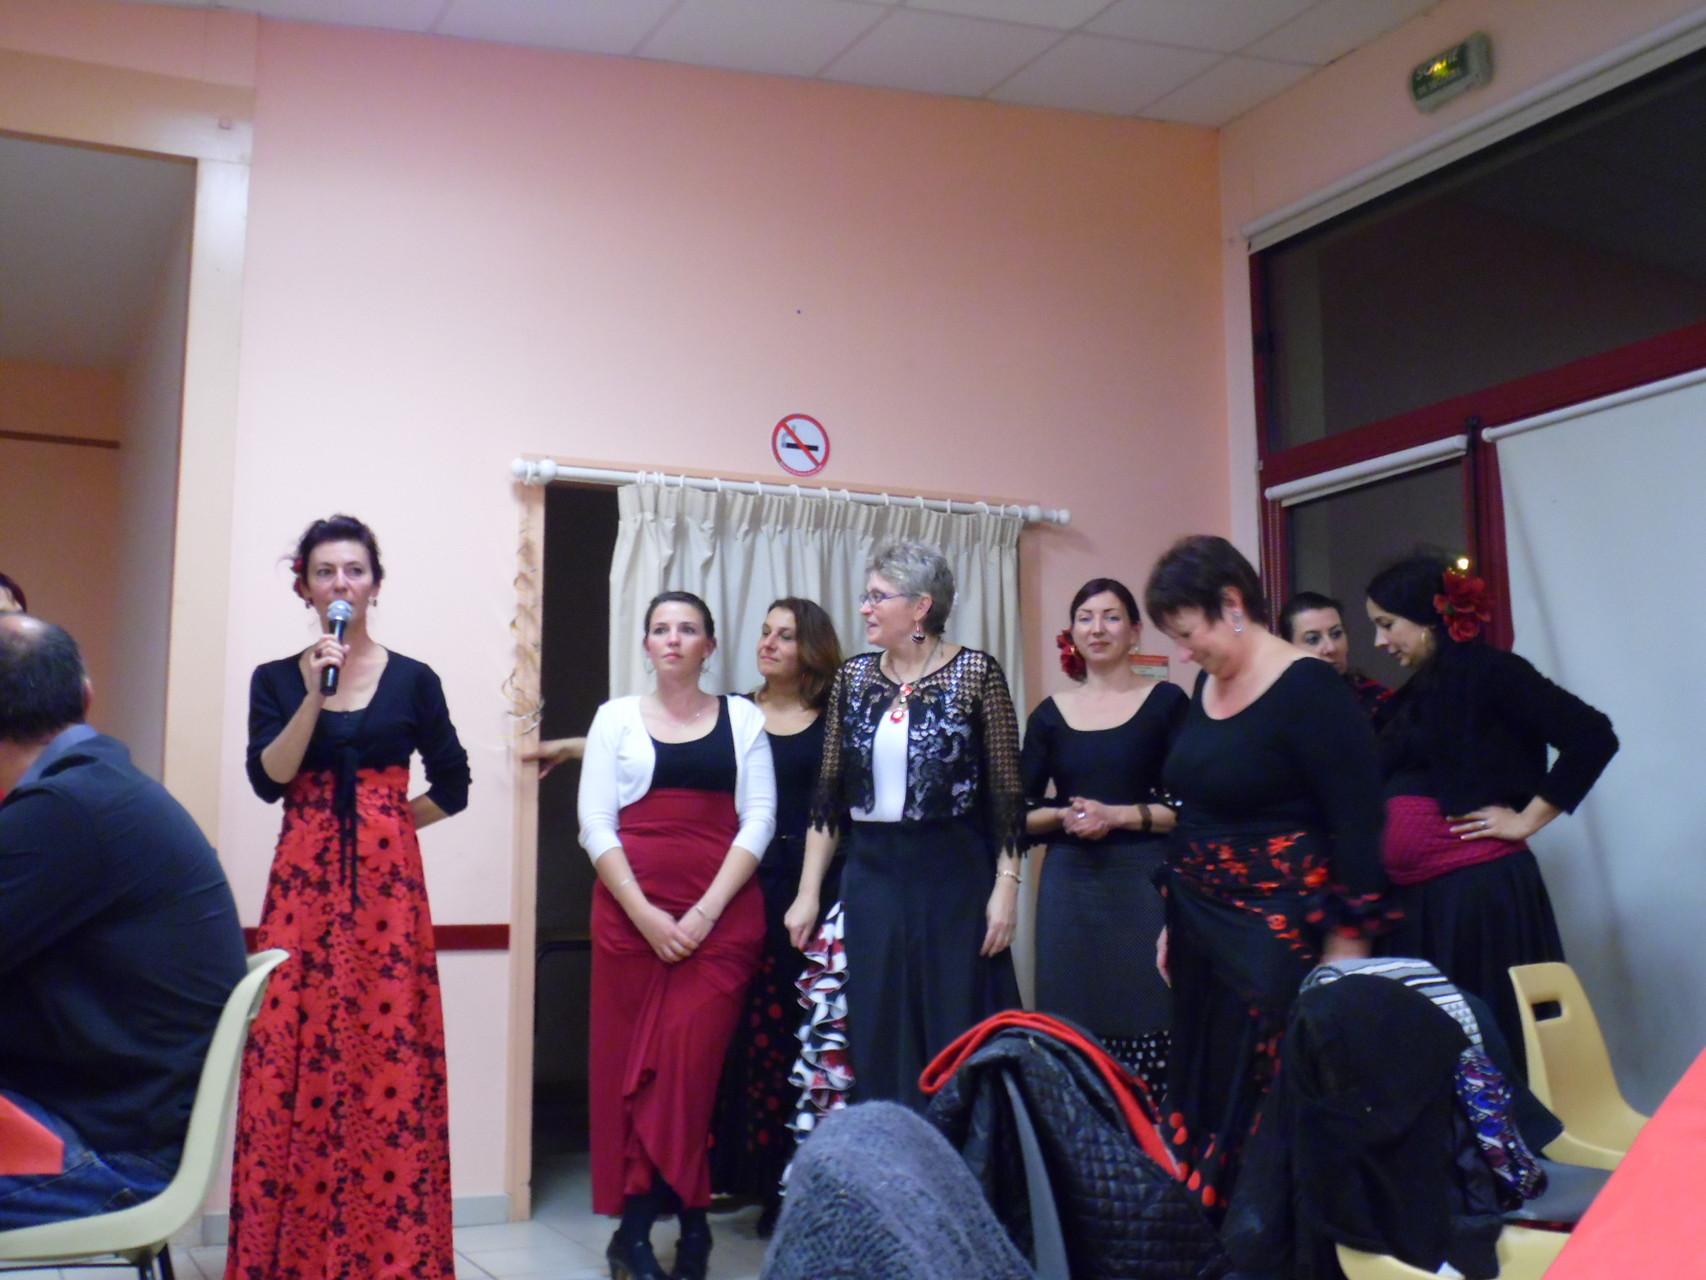 Le groupe Atelier Flamenco de bourges